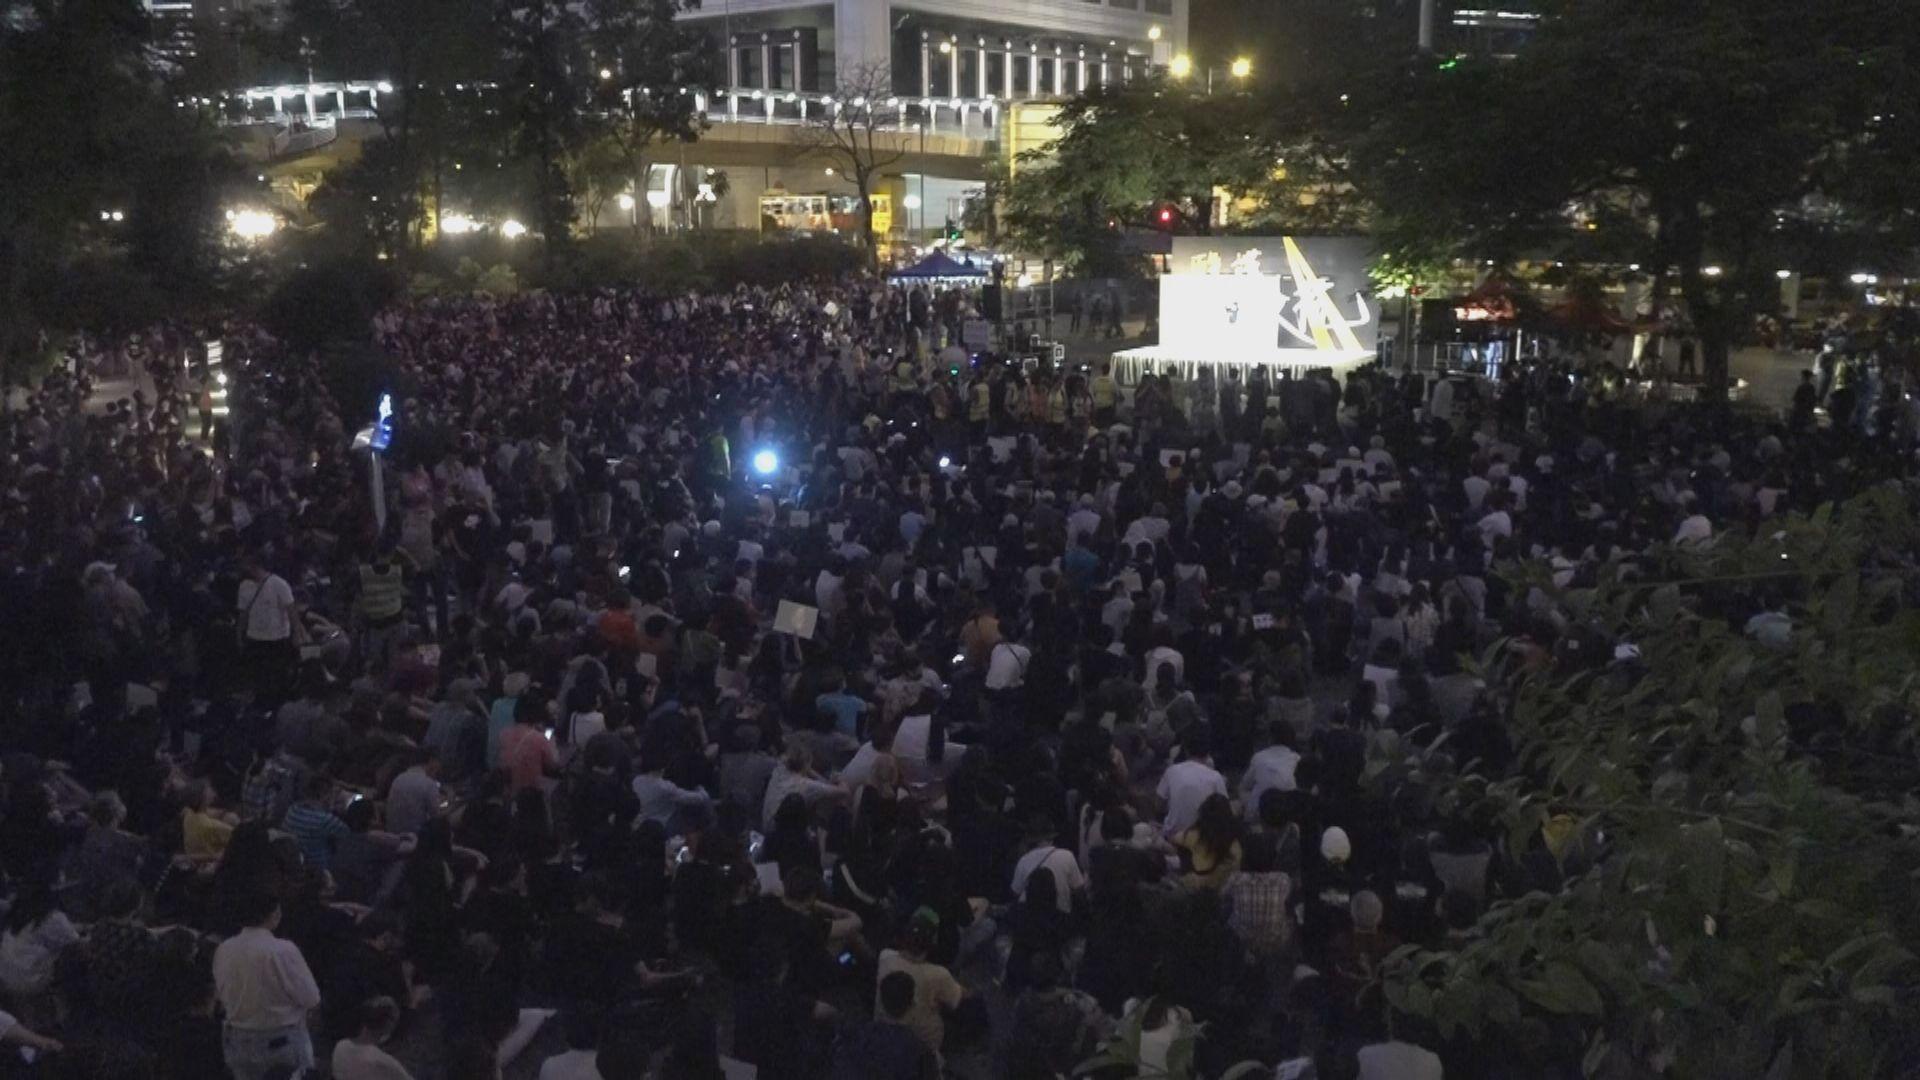 醫護人員遮打花園集會抗議警暴